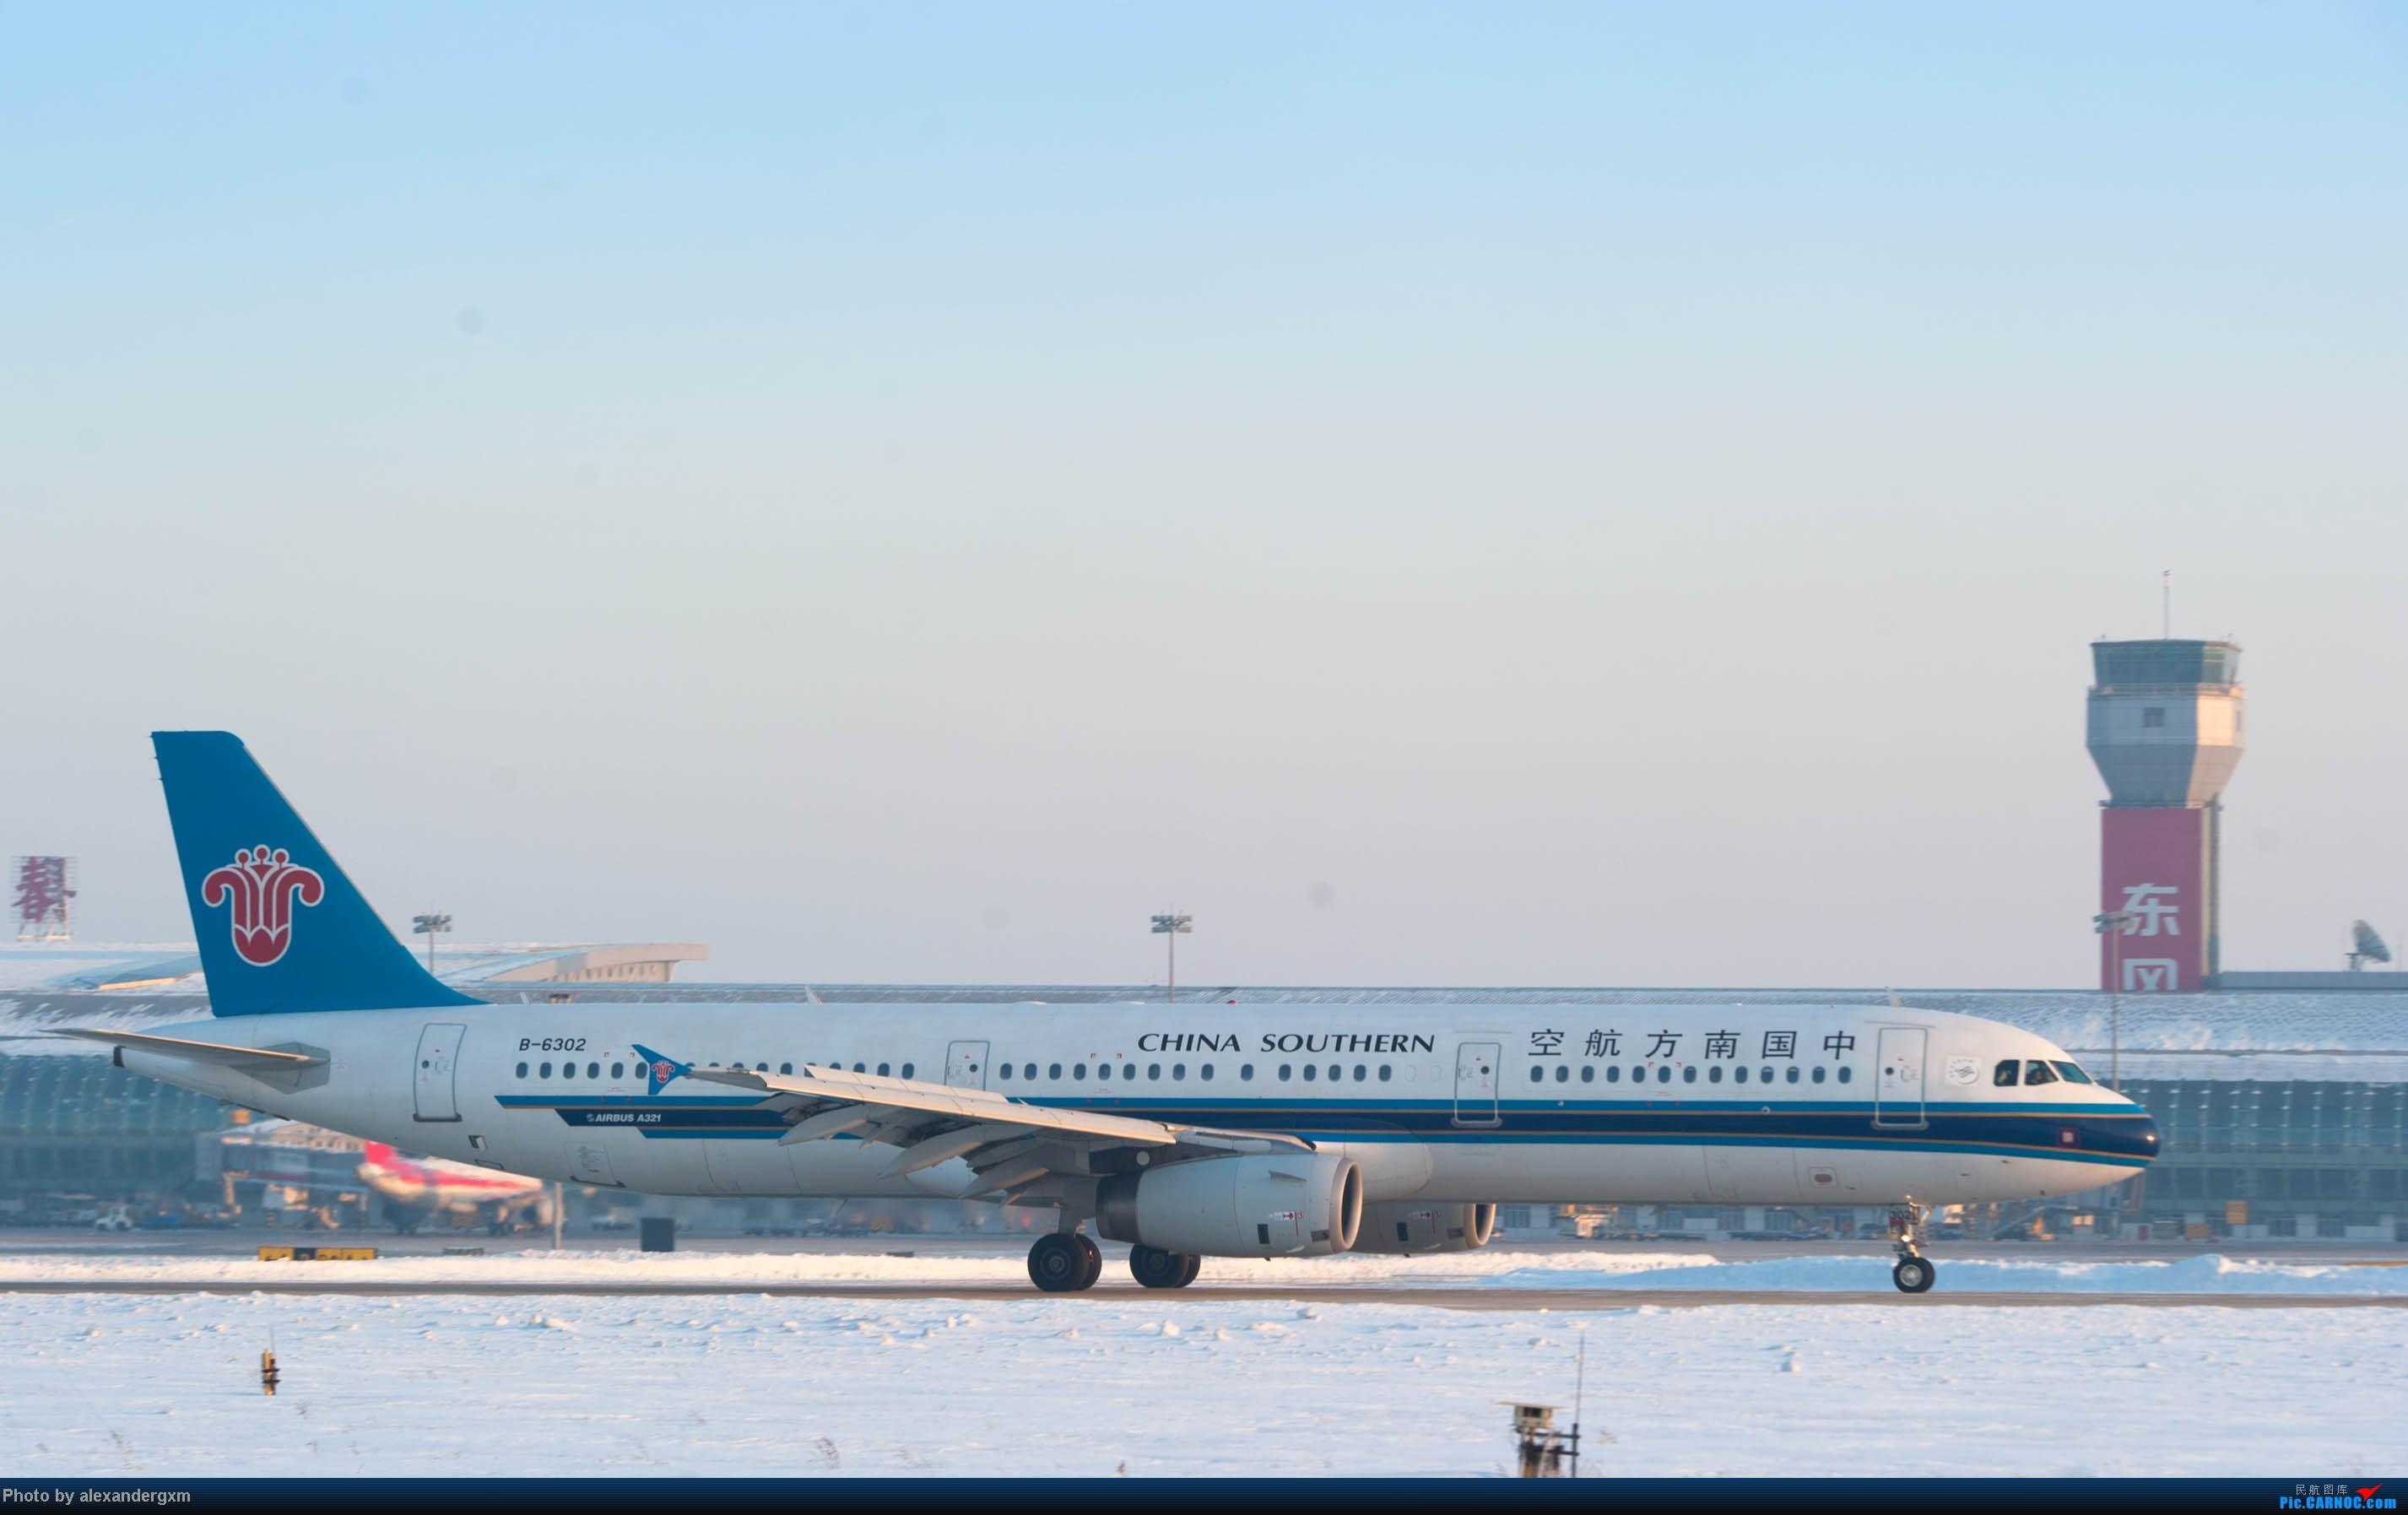 Re:[原创]【CGQ】今天零下30多度好像…… AIRBUS A321-200 B-6302 中国长春龙嘉国际机场